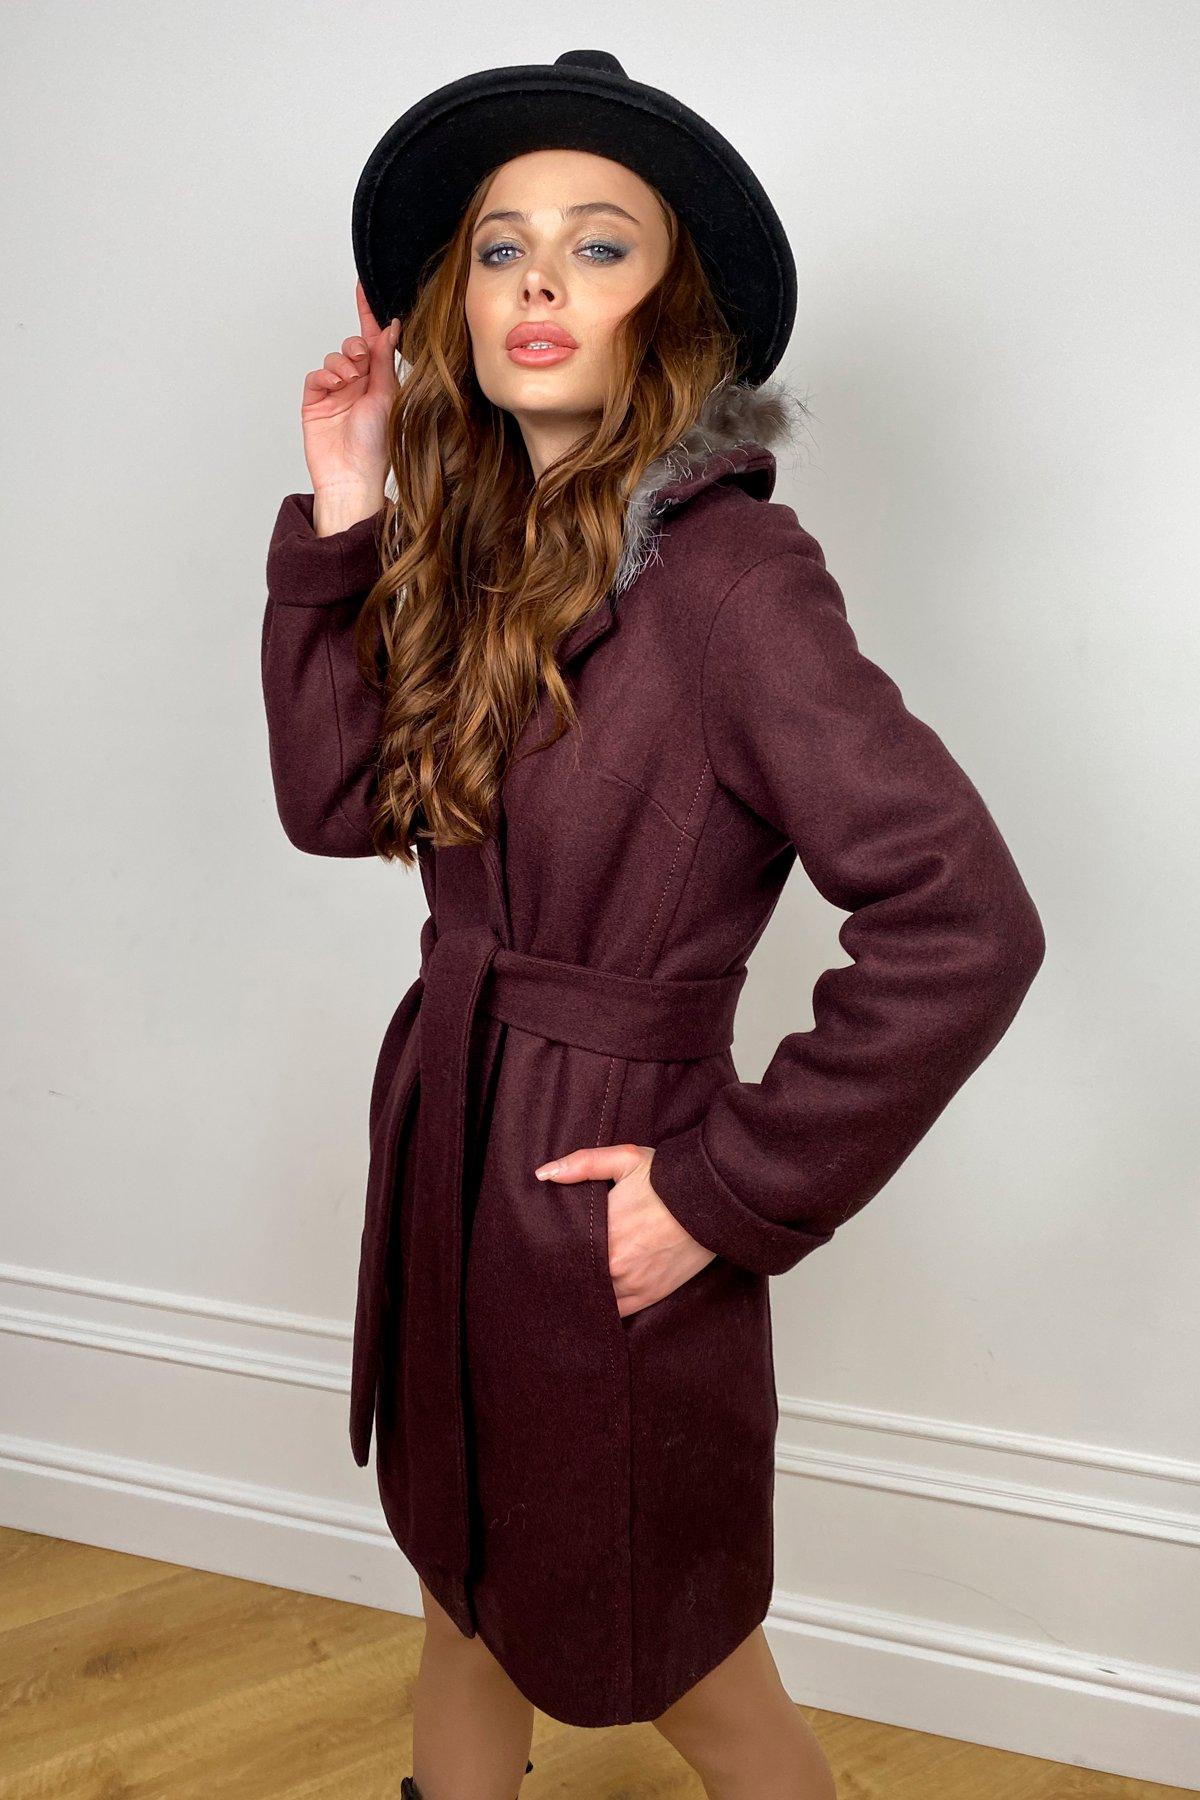 Купить пальто в Харькове Modus Пальто зима Приора 5668